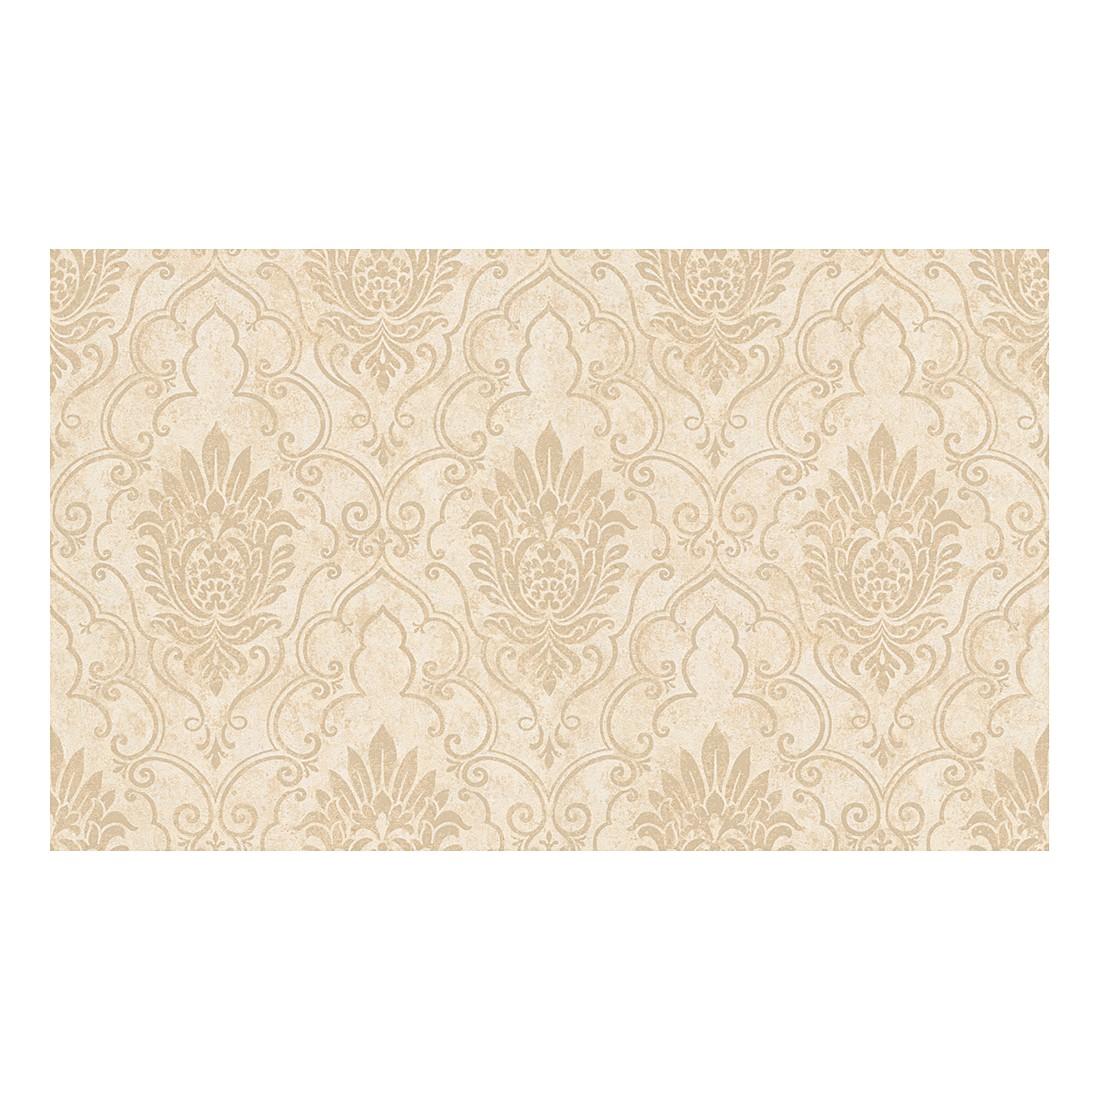 Tapete Bohemian – creme – beige – metallic – strukturiert, Home24Deko kaufen